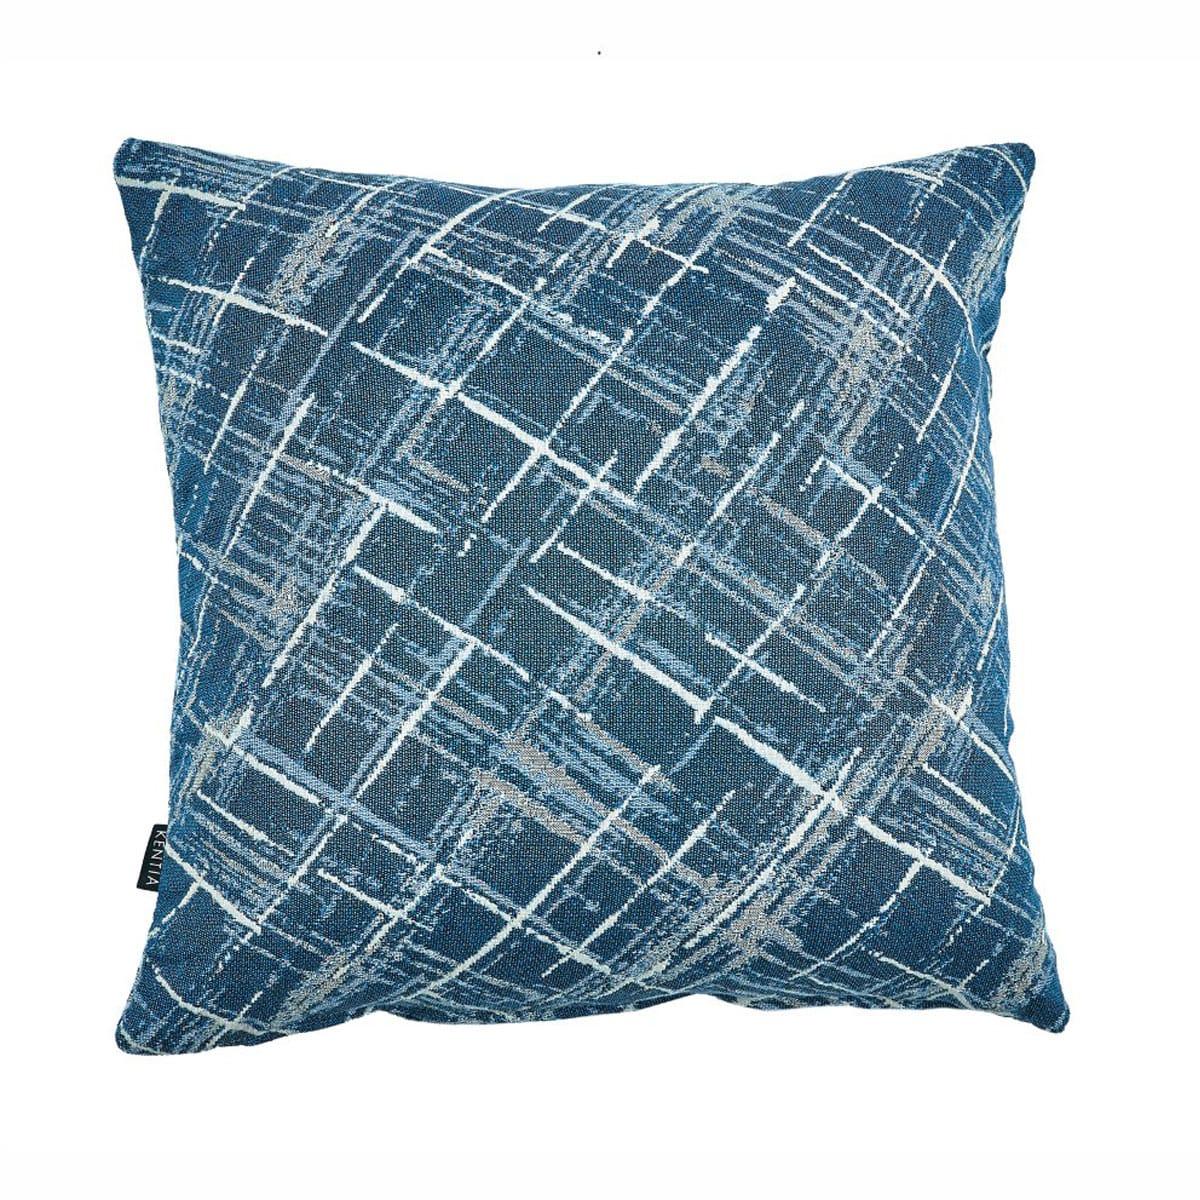 Μαξιλαροθήκη Διακοσμητική Rust 01 Blue Kentia 50X50 Βαμβάκι-Polyester